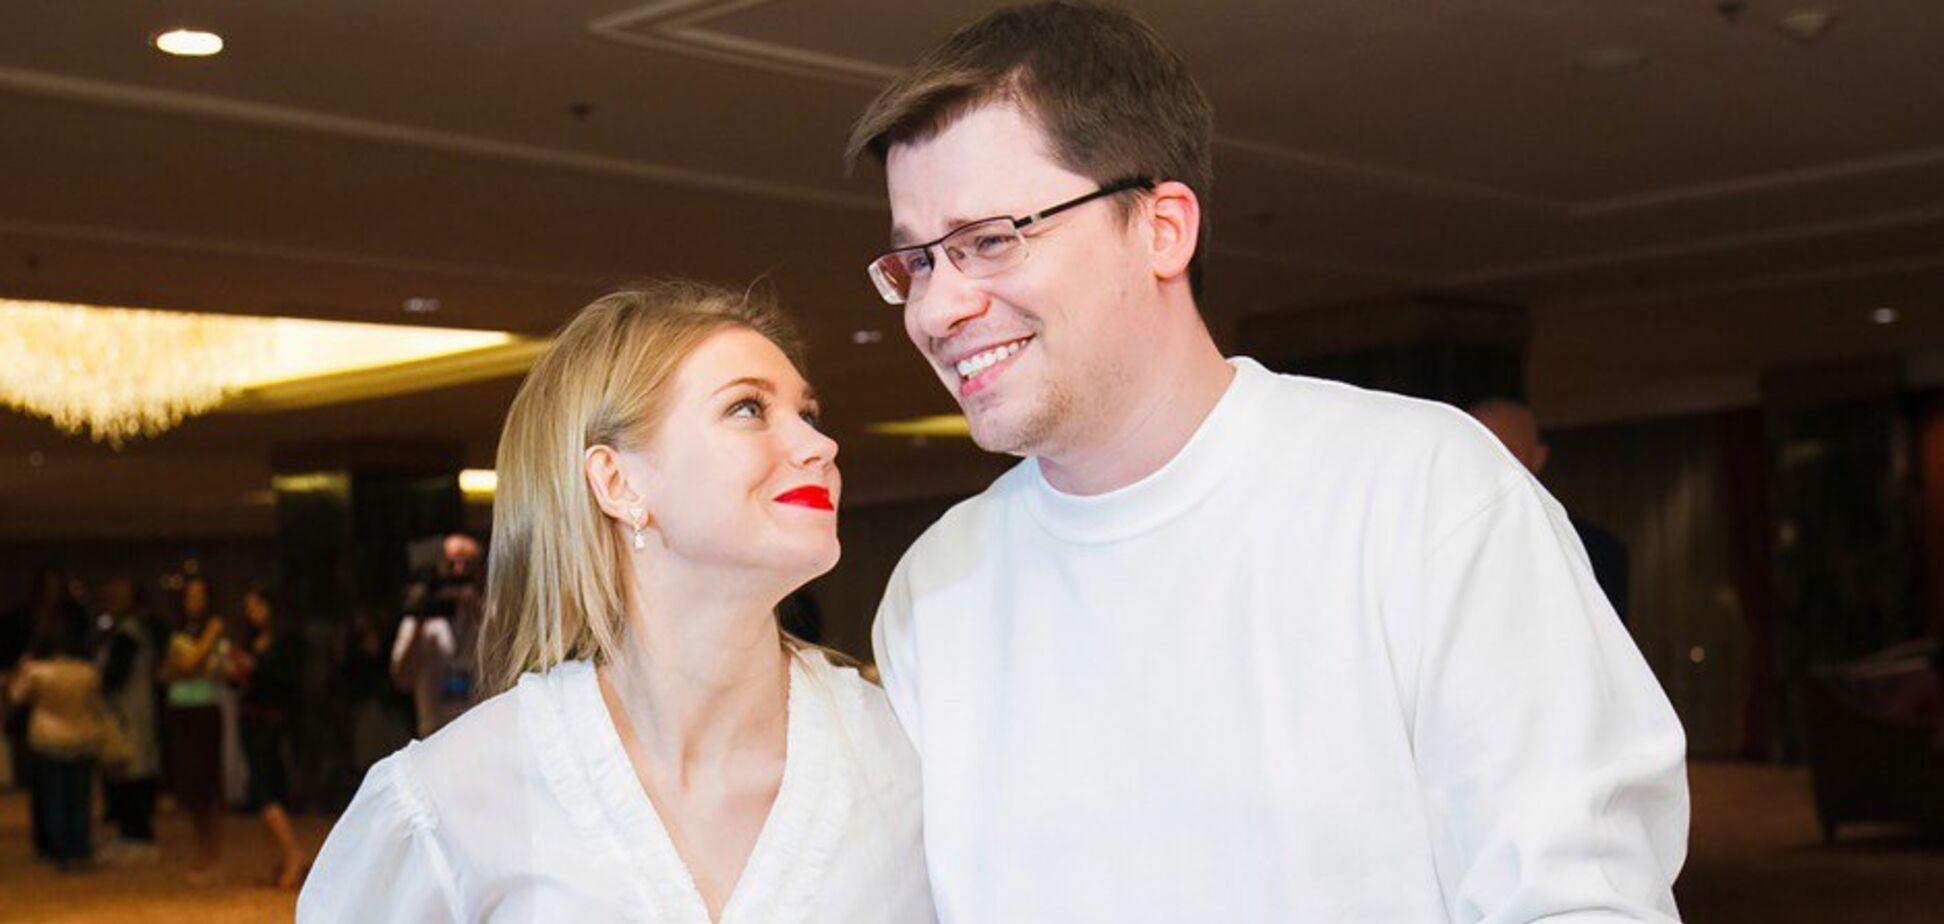 Харламов высмеял слухи о разводе с Асмус: назвал себя тираном и алкашом